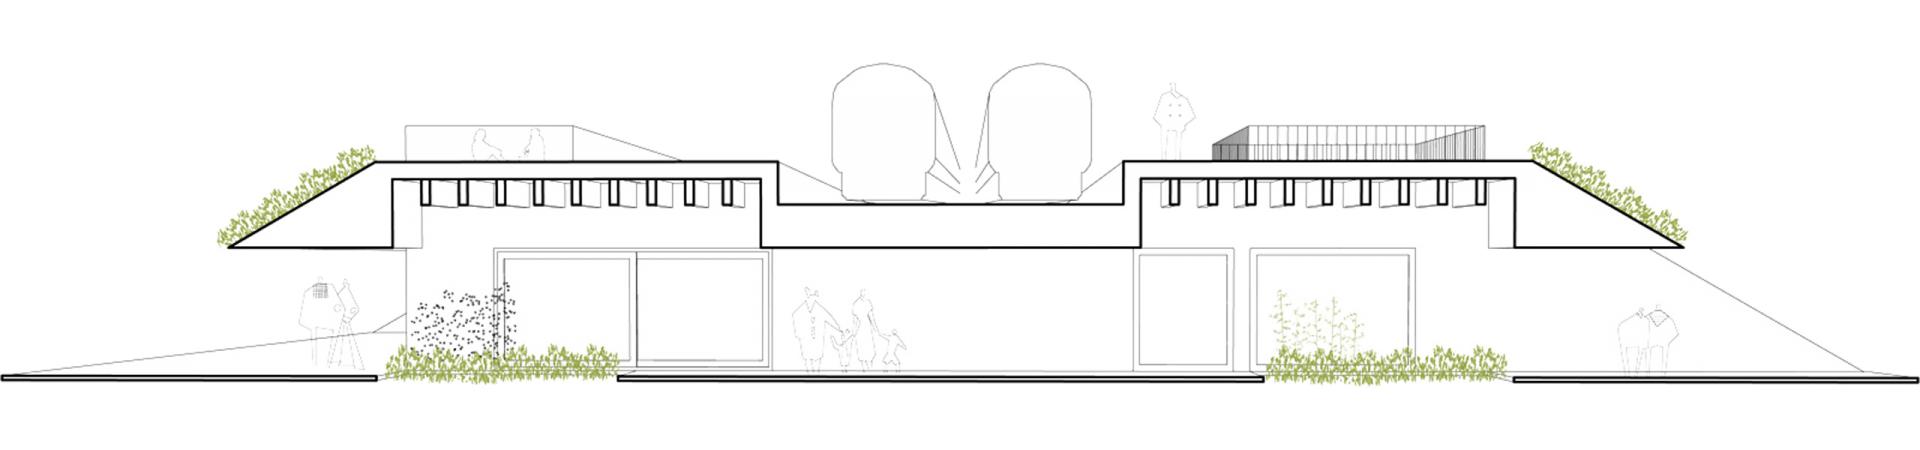 Oostvaarders Section 8